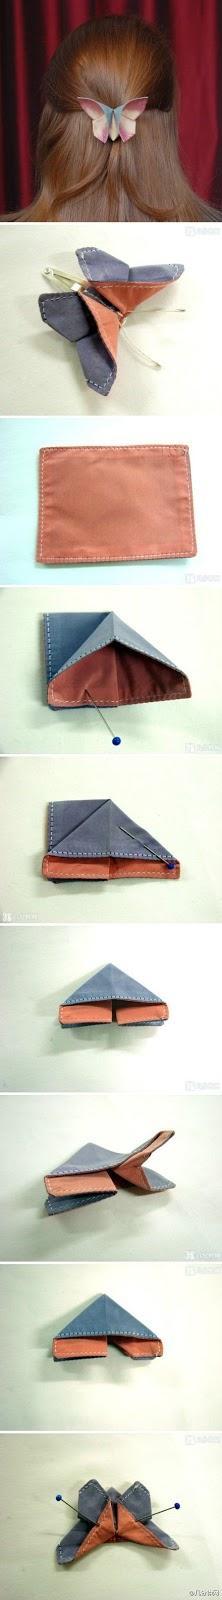 Un broche DIY de origami!